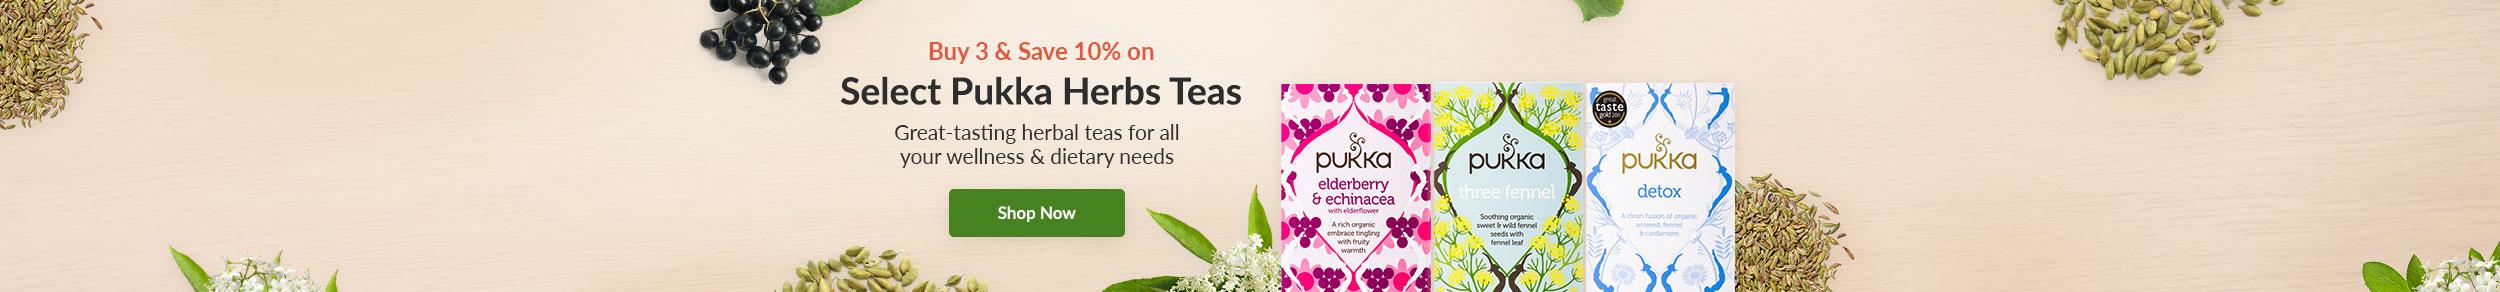 https://i3.pureformulas.net/images/static/Pukka-Herbs-Teas_Food-Slide-1_120618.jpg